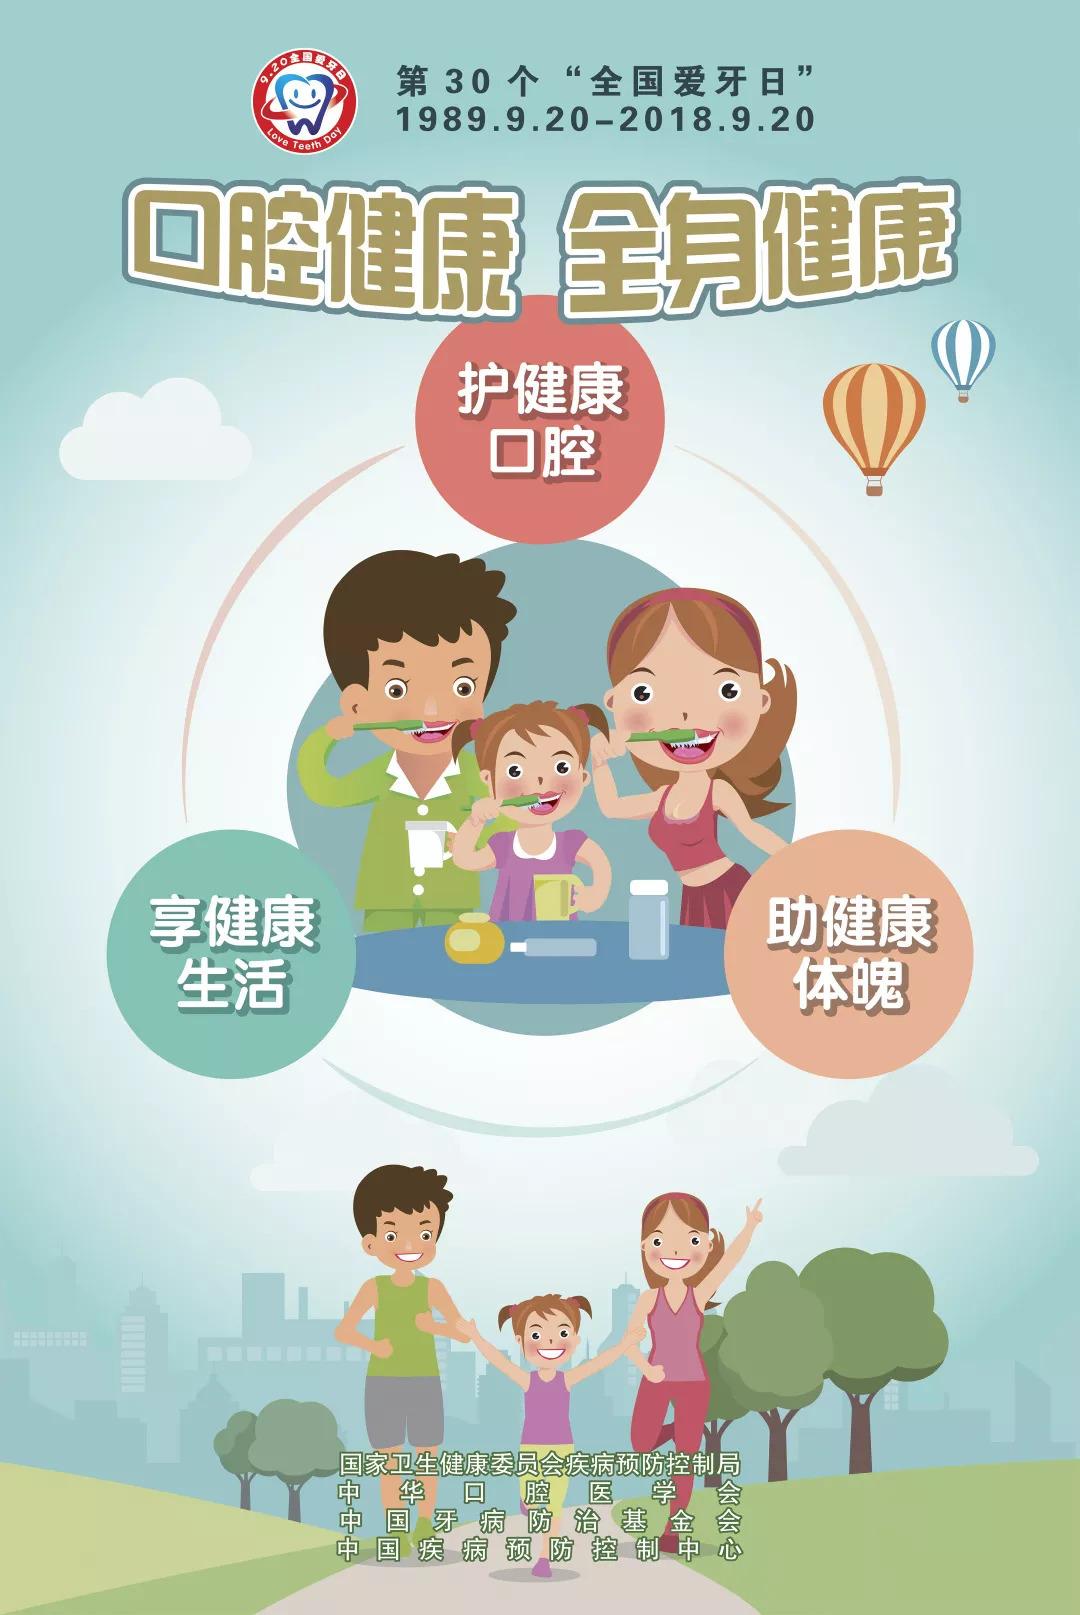 【婦兒醫訊】「愛牙日」講座預告:口腔健康,全身健康!